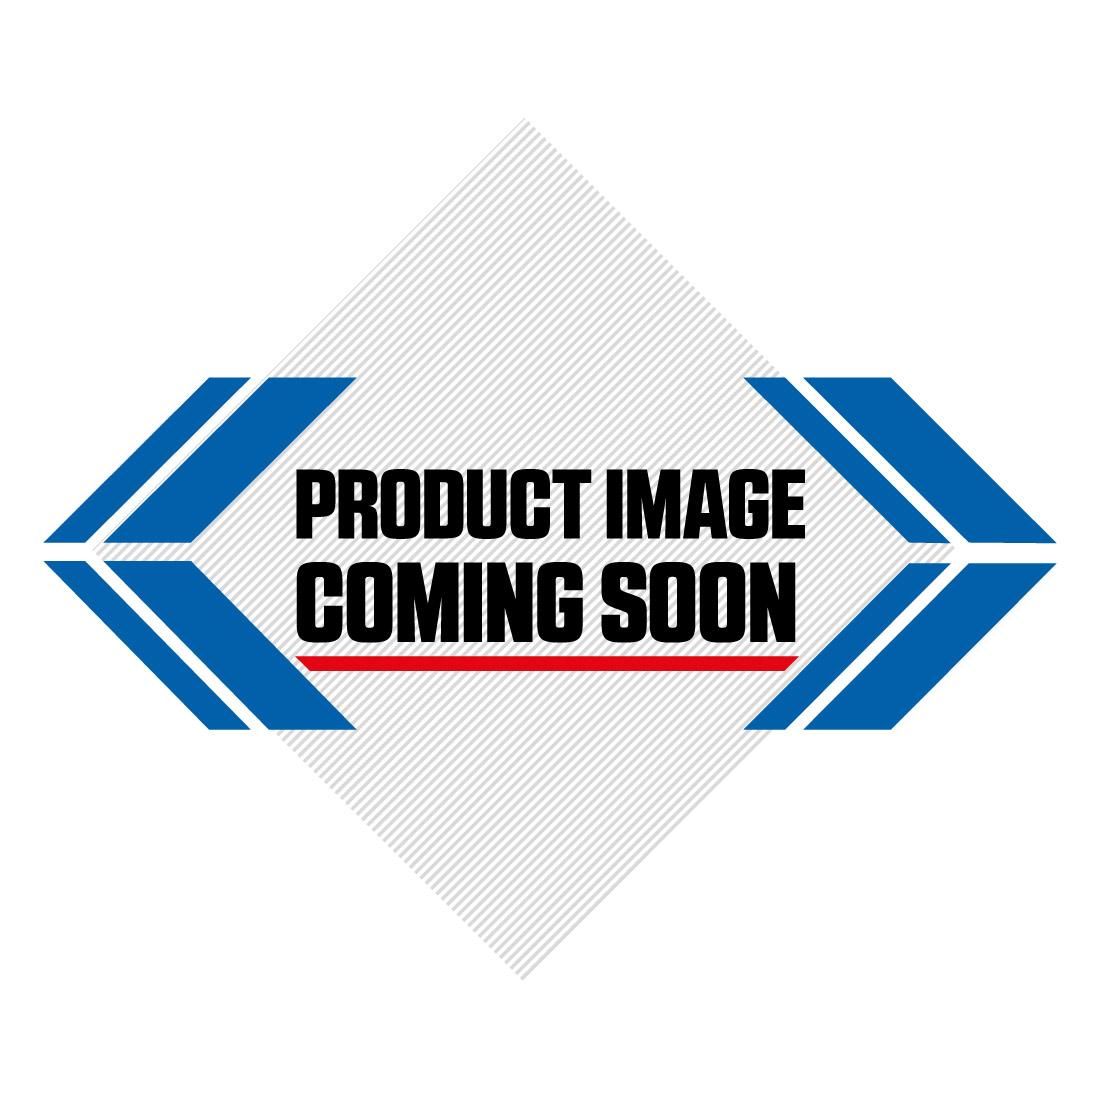 MDR 100% Armega Goggle Tear Offs Image-1>